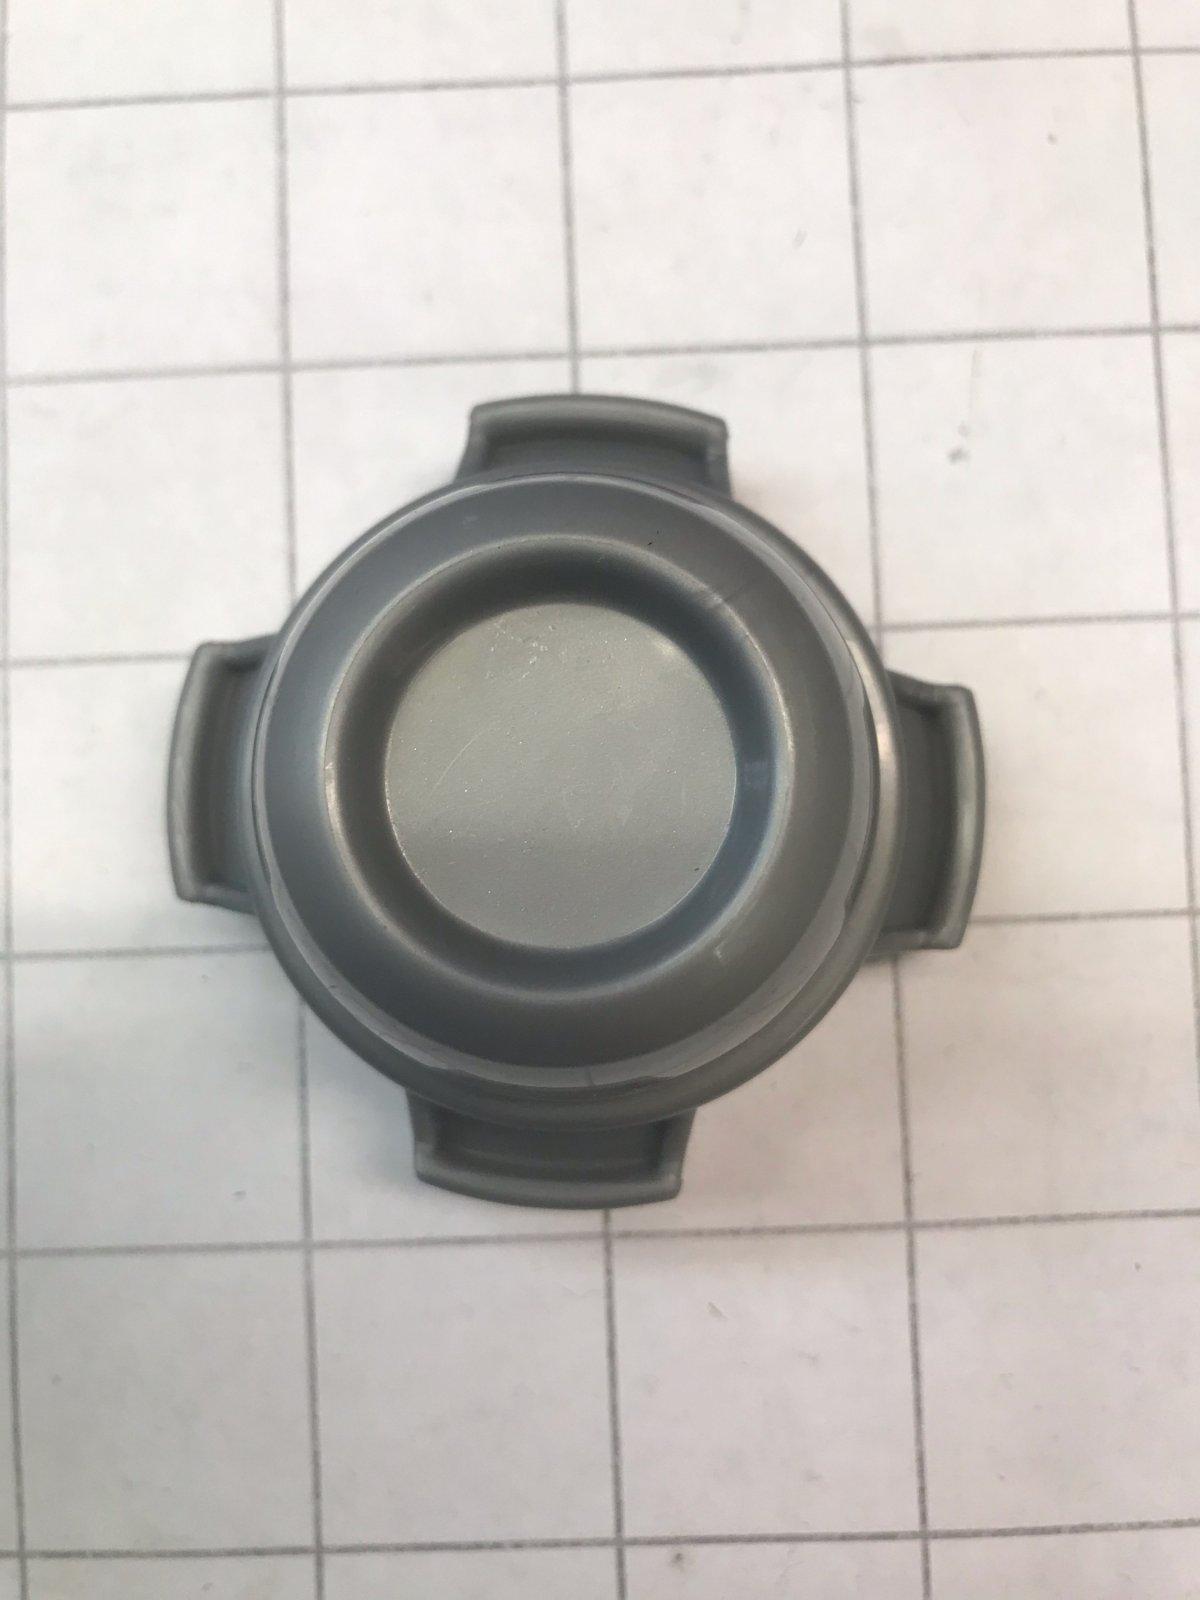 Center Hubcap (4 prongs) for KFX